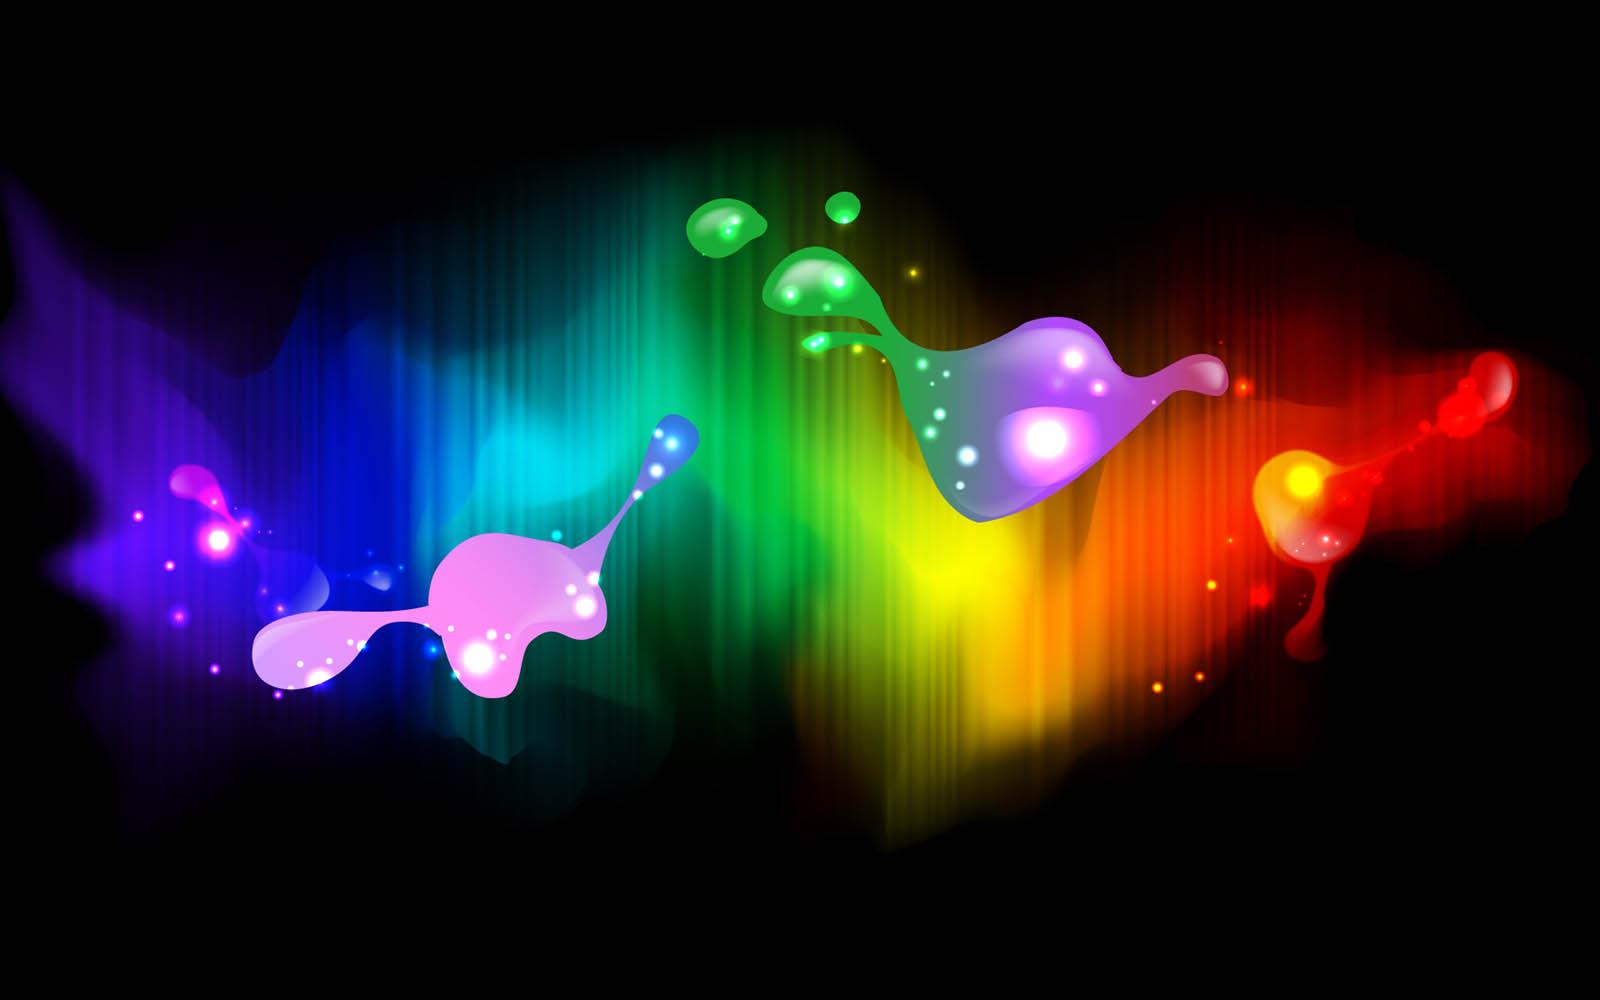 Keywords Neon Art Wallpapers Neon Art DesktopWallpapers Neon Art 1600x1000